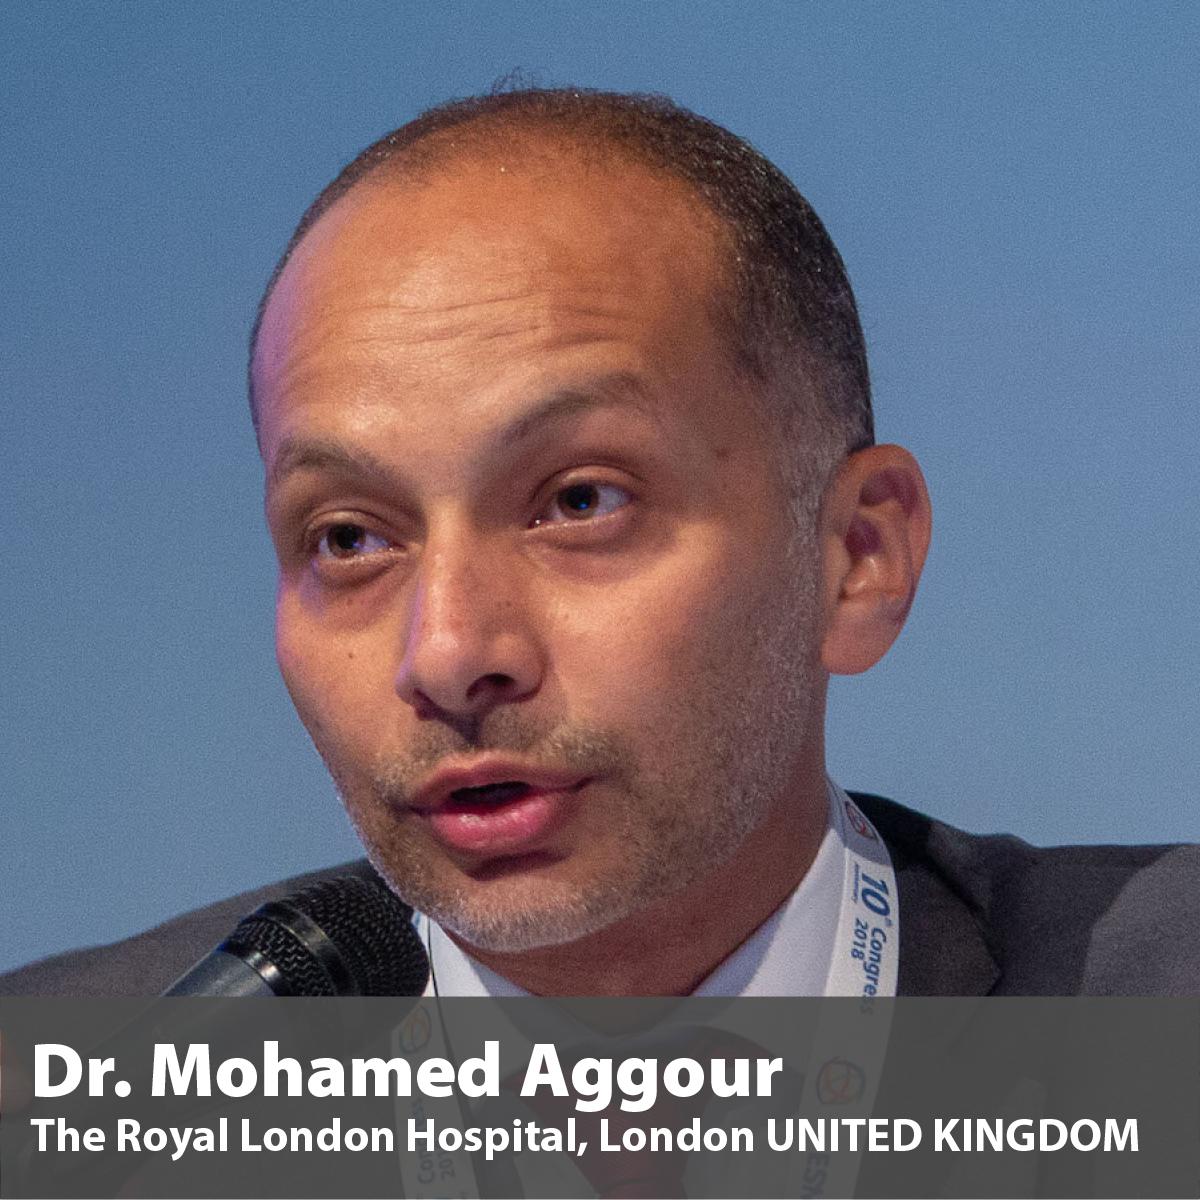 Mentor Mohamed Aggour